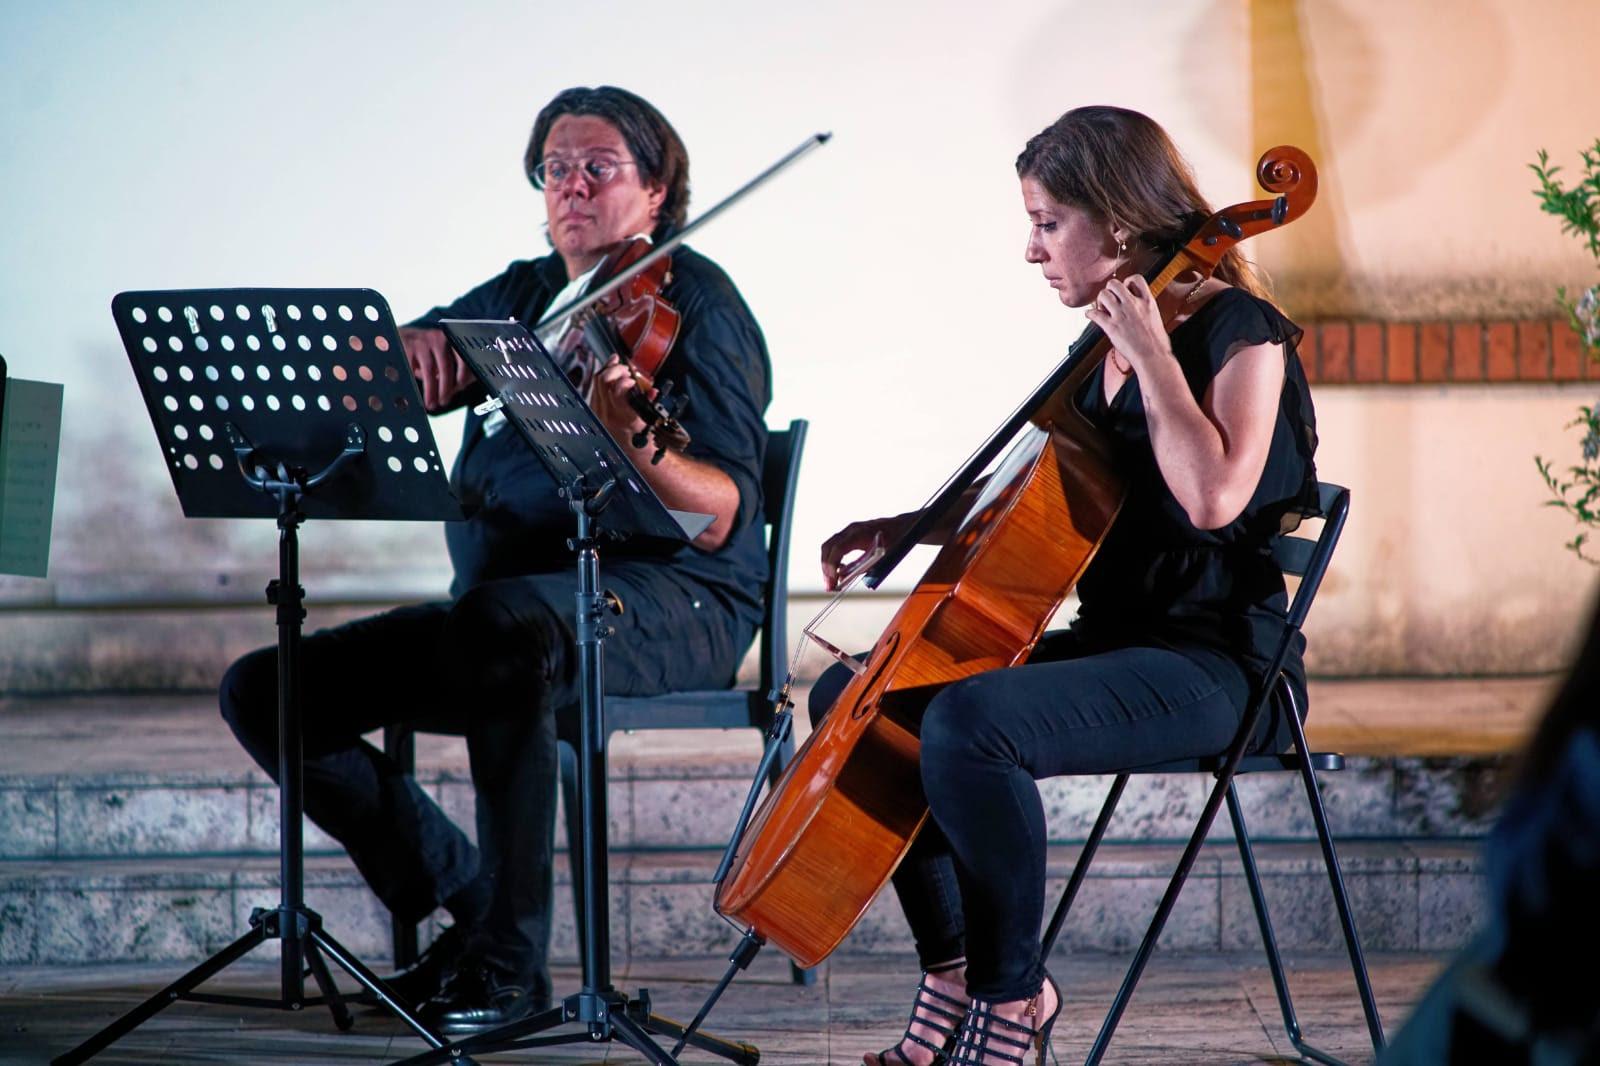 La famosa Orchestra Italiana del Cinema all'opera